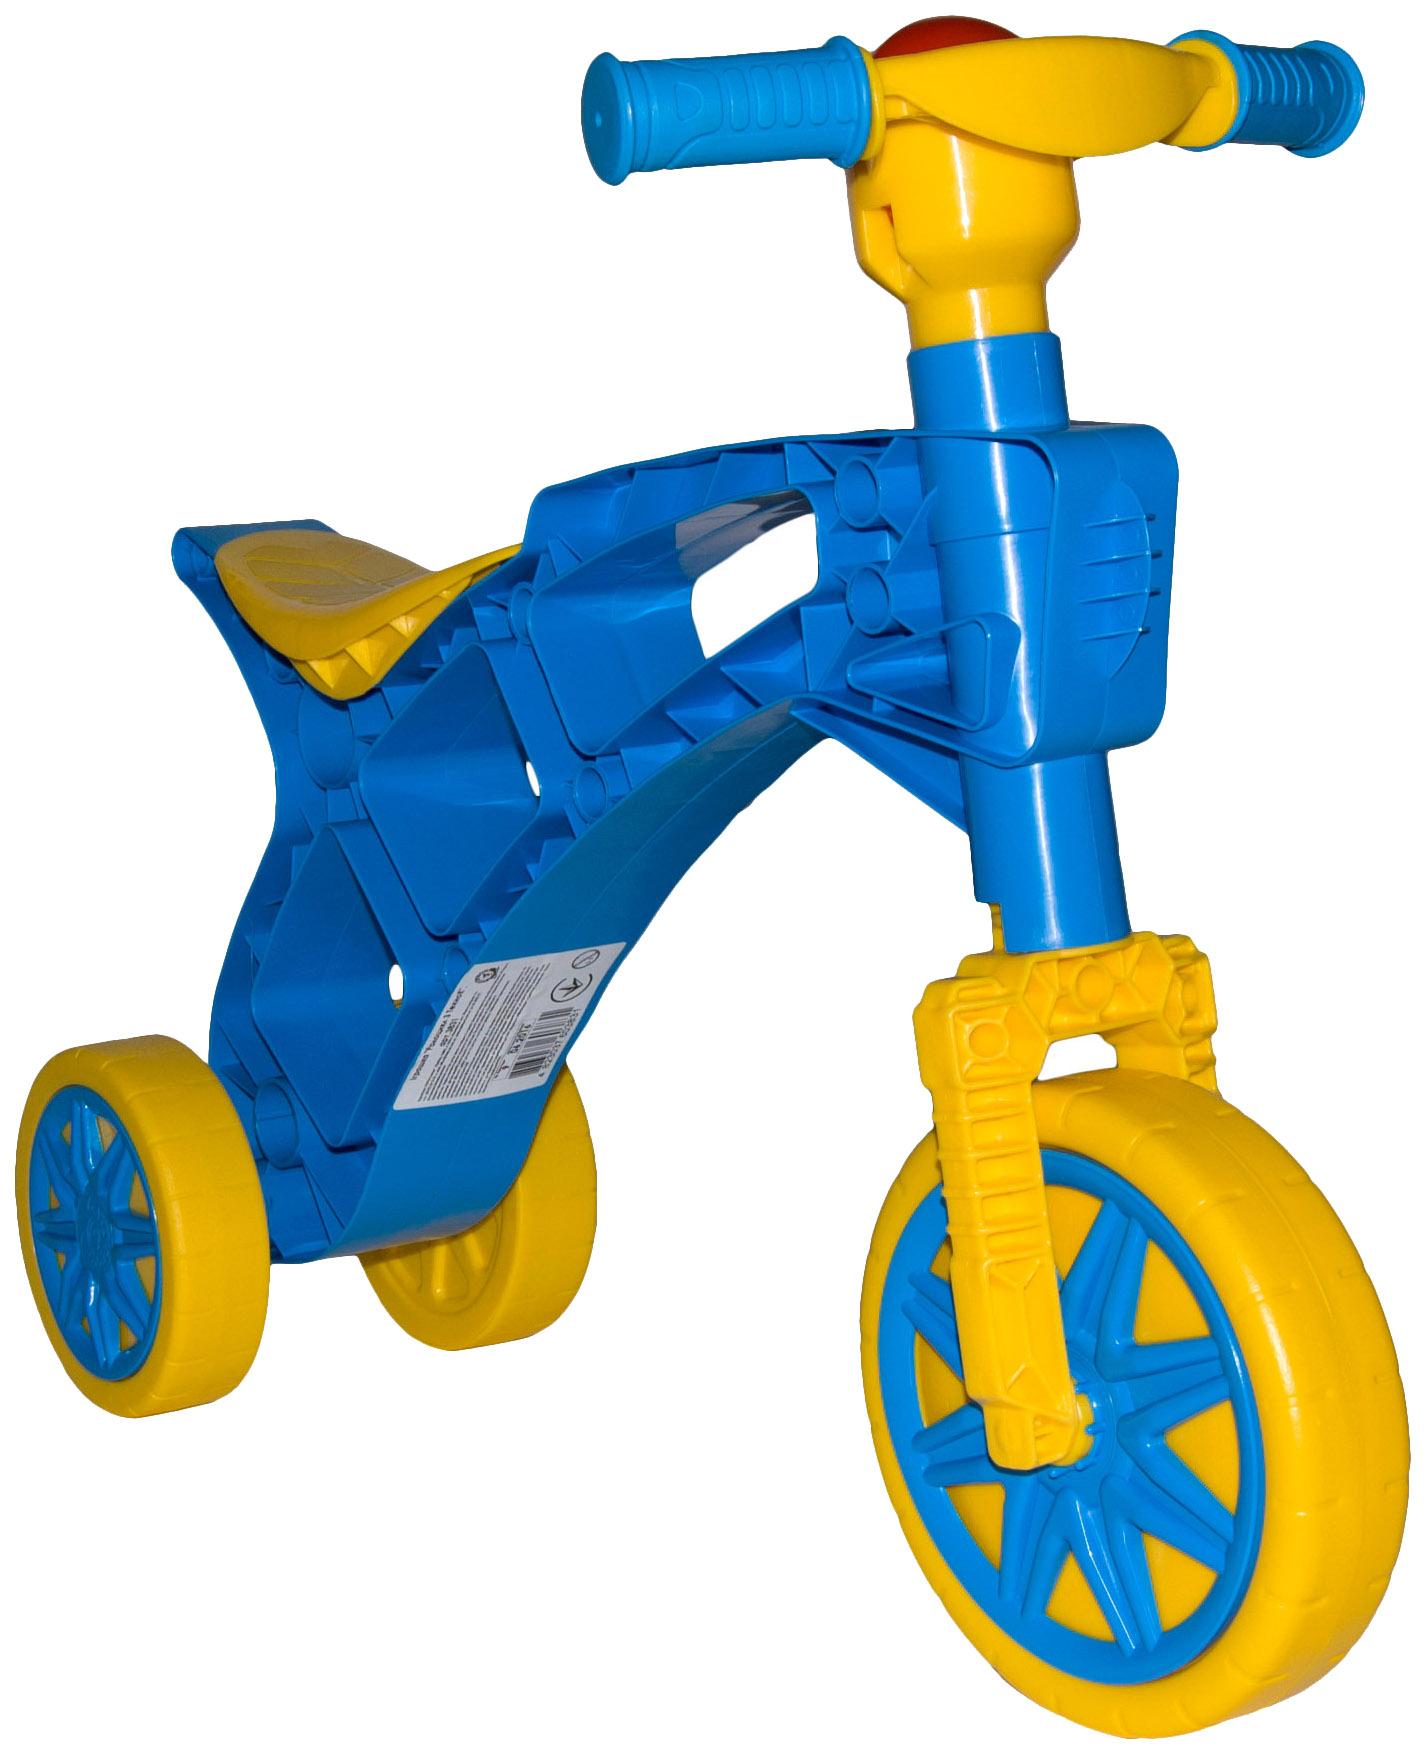 Купить Каталка детская R-TOYS Т3831 Беговел Ролоцикл 3 Колеса С Клаксоном Синяя, Каталки мотоциклы